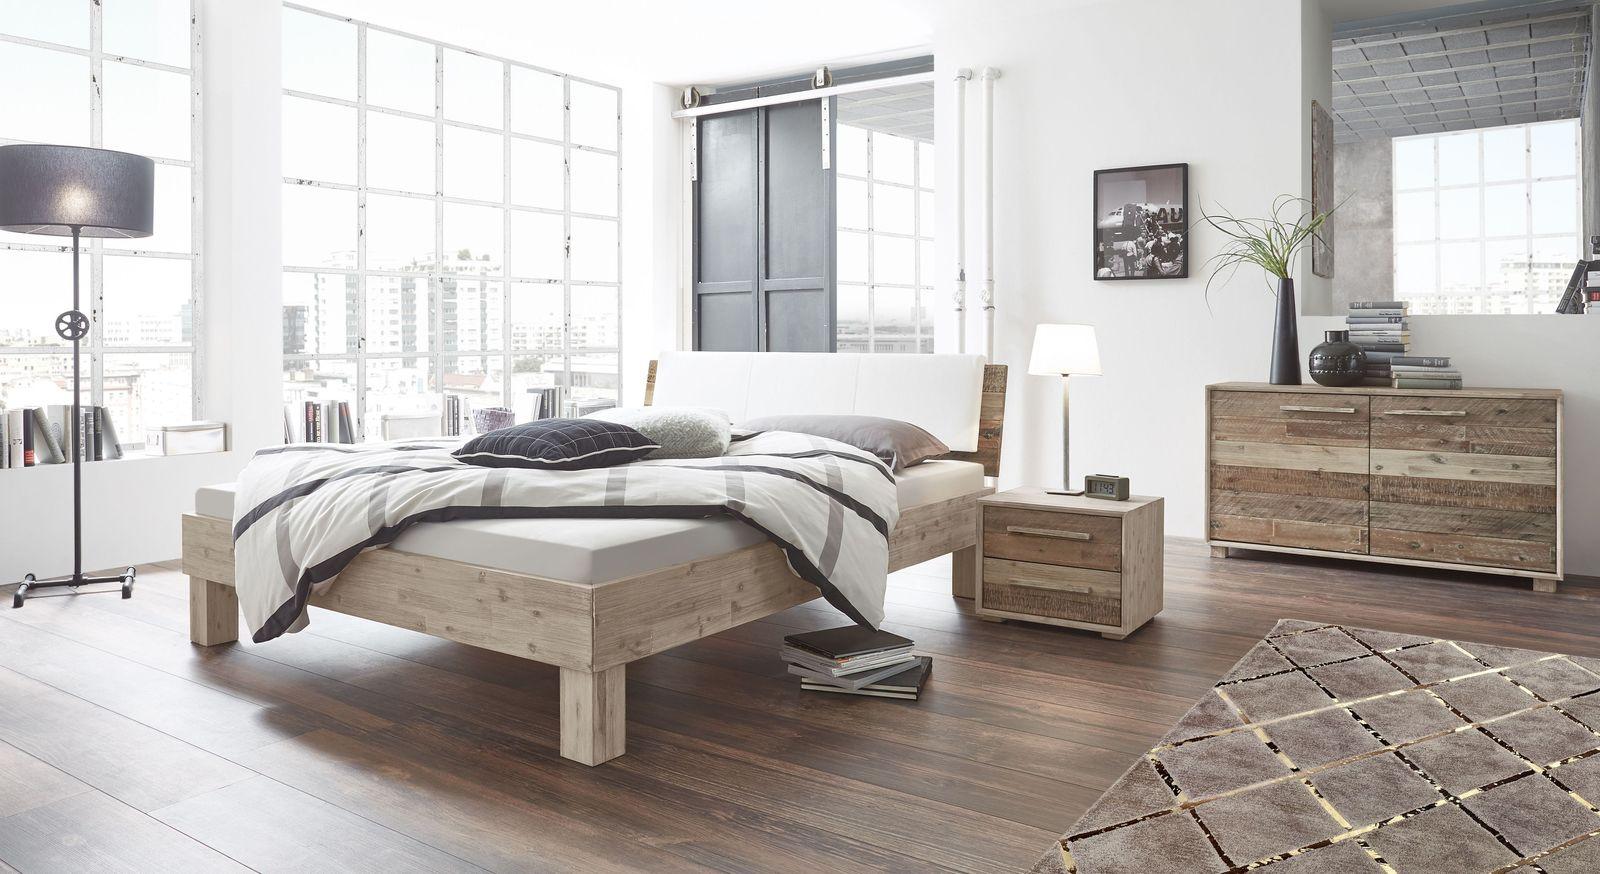 Bett Valtimo mit passender Schlafzimmer-Einrichtung